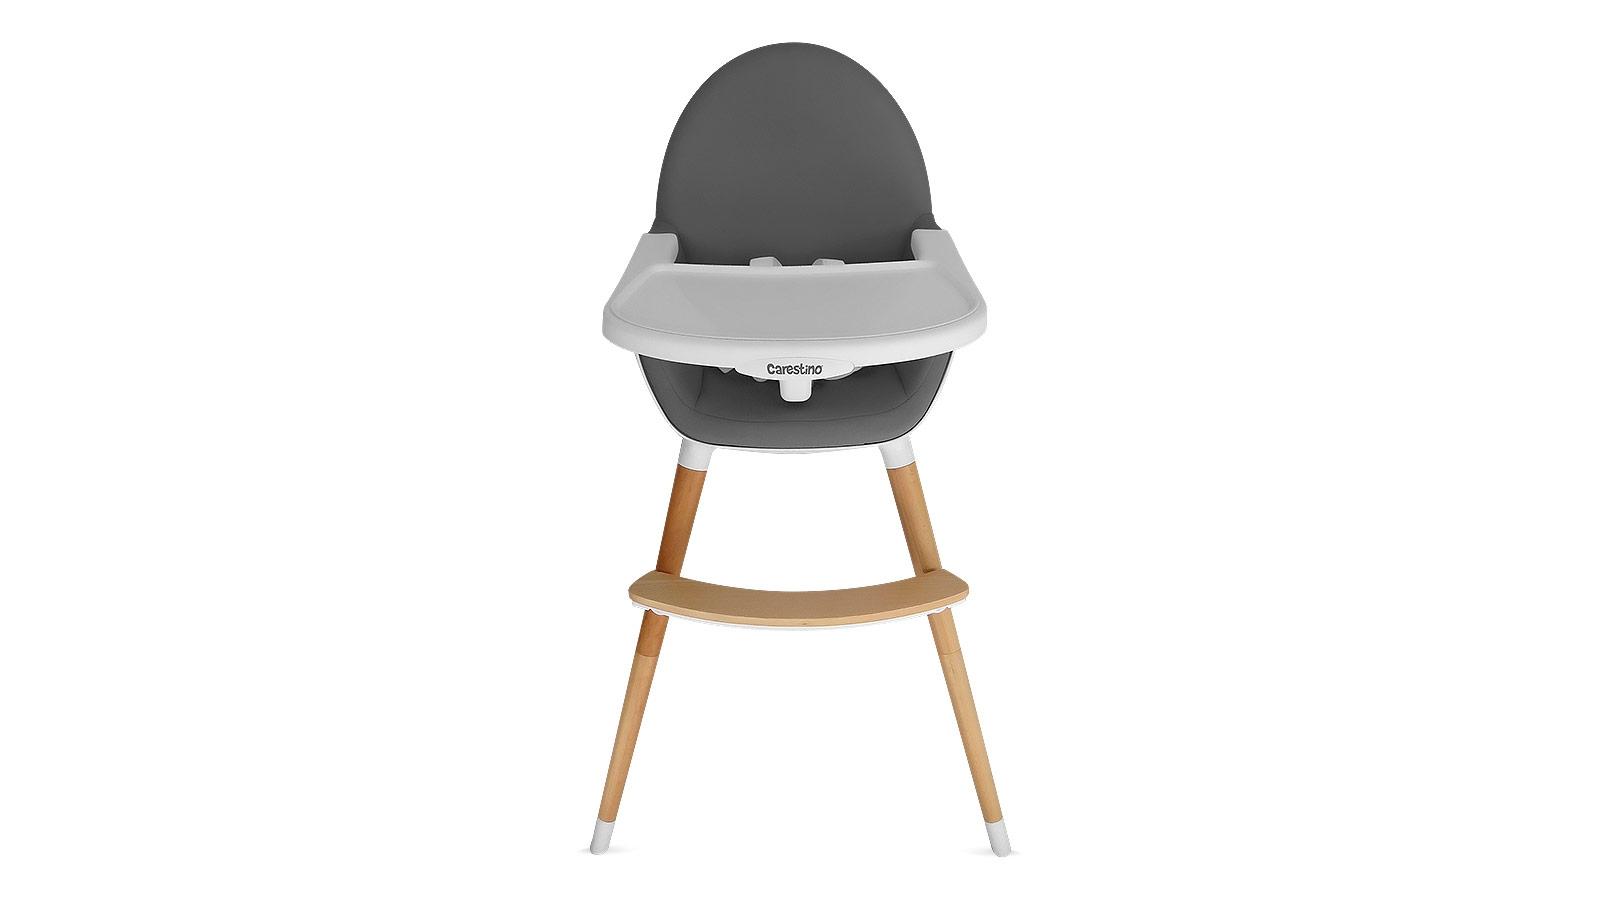 Carestino productos sillas sillas de comer silla for Sillas para coche grupo 2